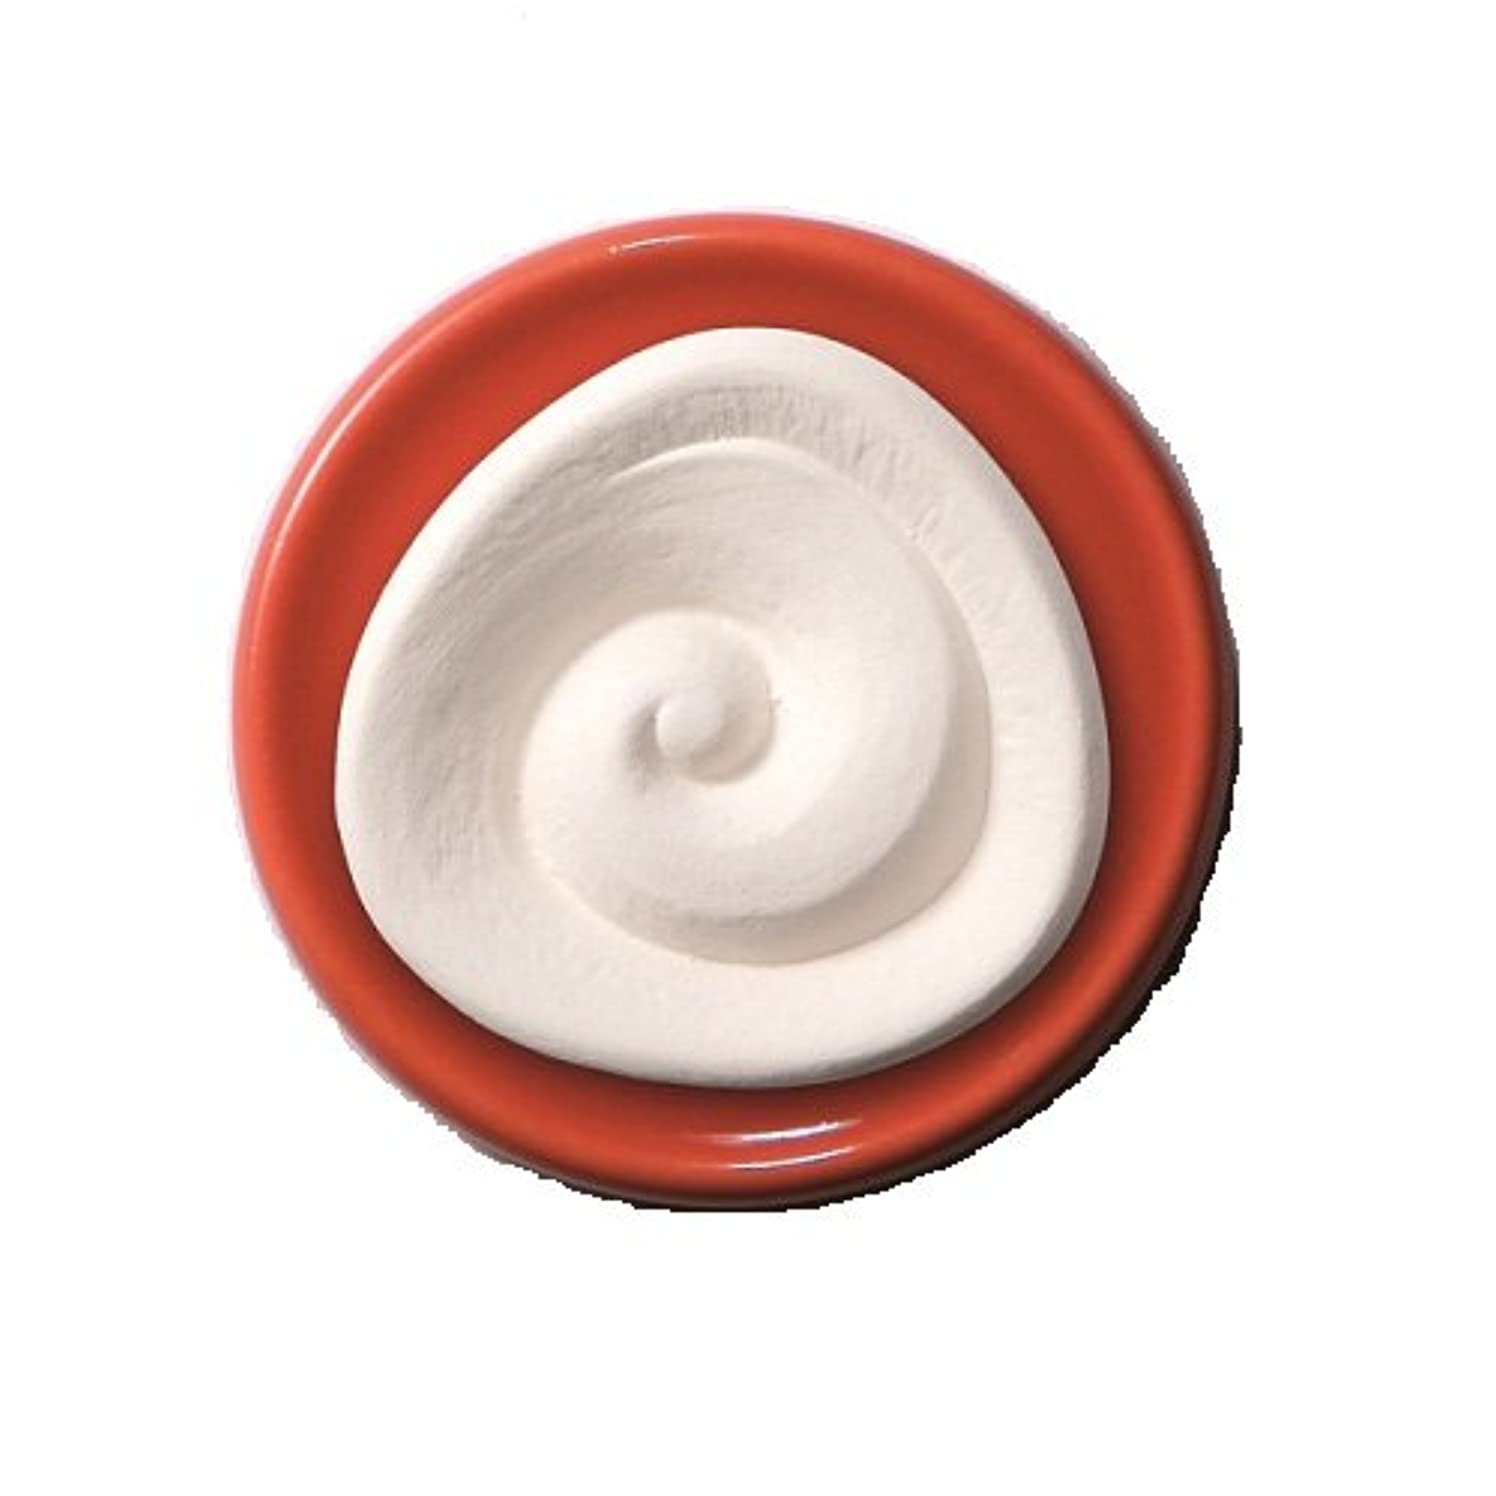 注釈レルム寄託Neumond(ノイモンド)香りの小皿 スパイラル